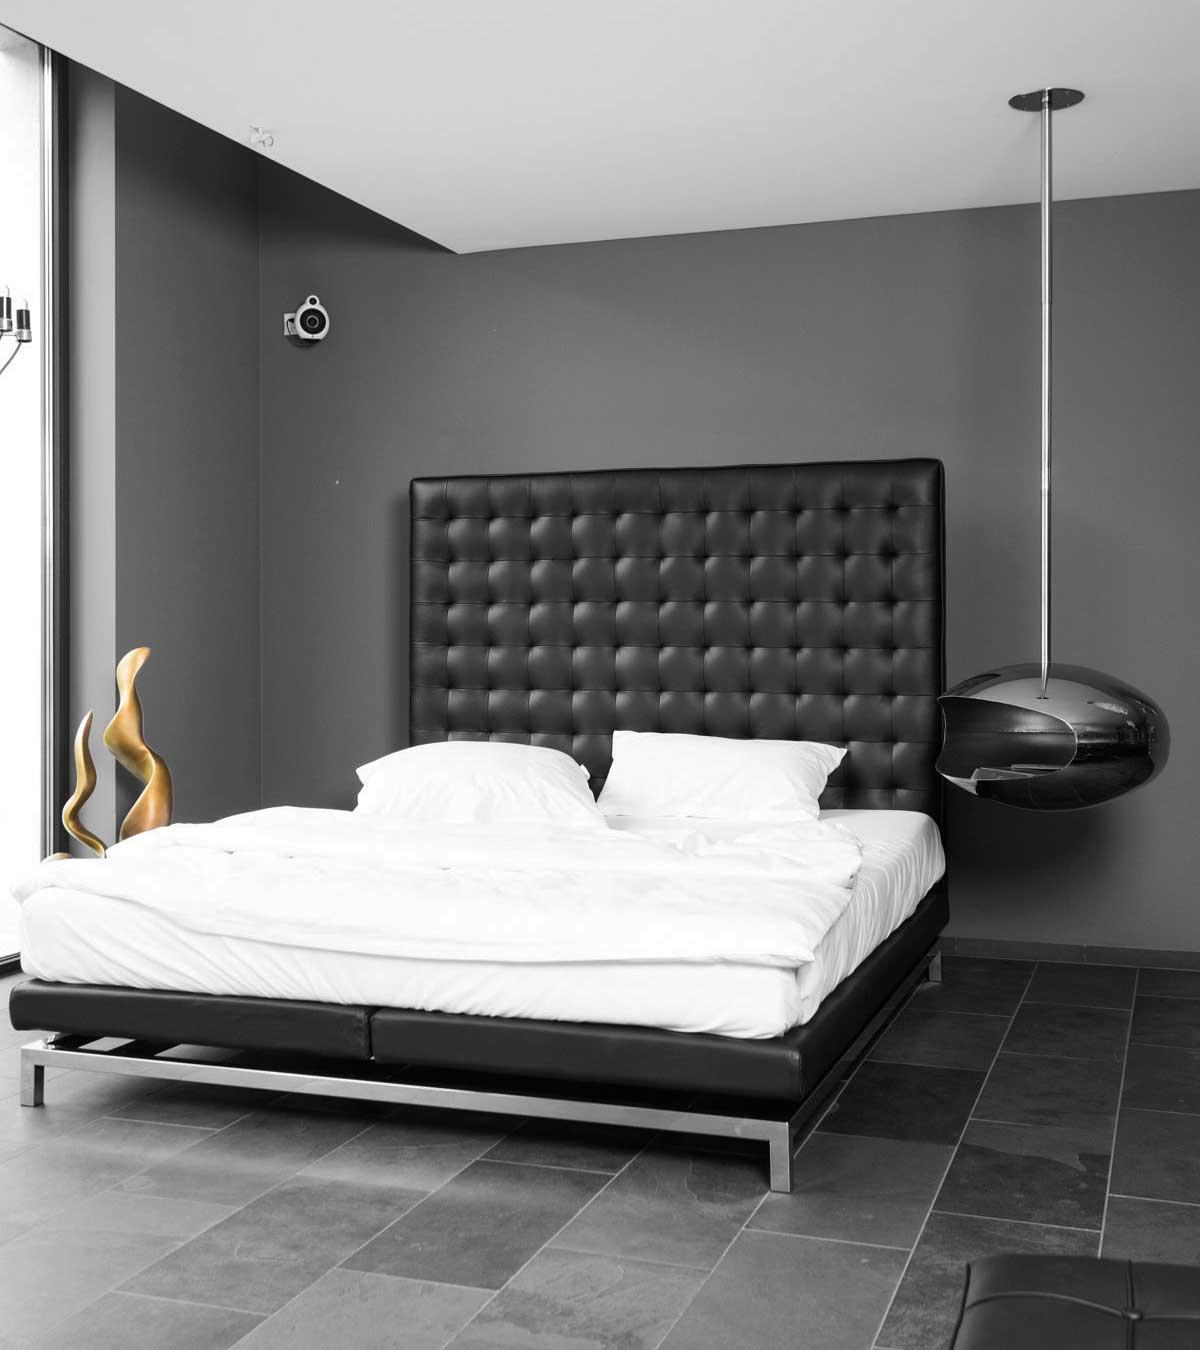 Full Size of Dormiente Bett 180x220 Eiche Modern Design Sonoma 140x200 Hohe Betten 160x200 Mit Lattenrost Und Matratze Weiß 100x200 120 X 200 Massiv 180x200 Poco 200x200 Bett Bett 200x180